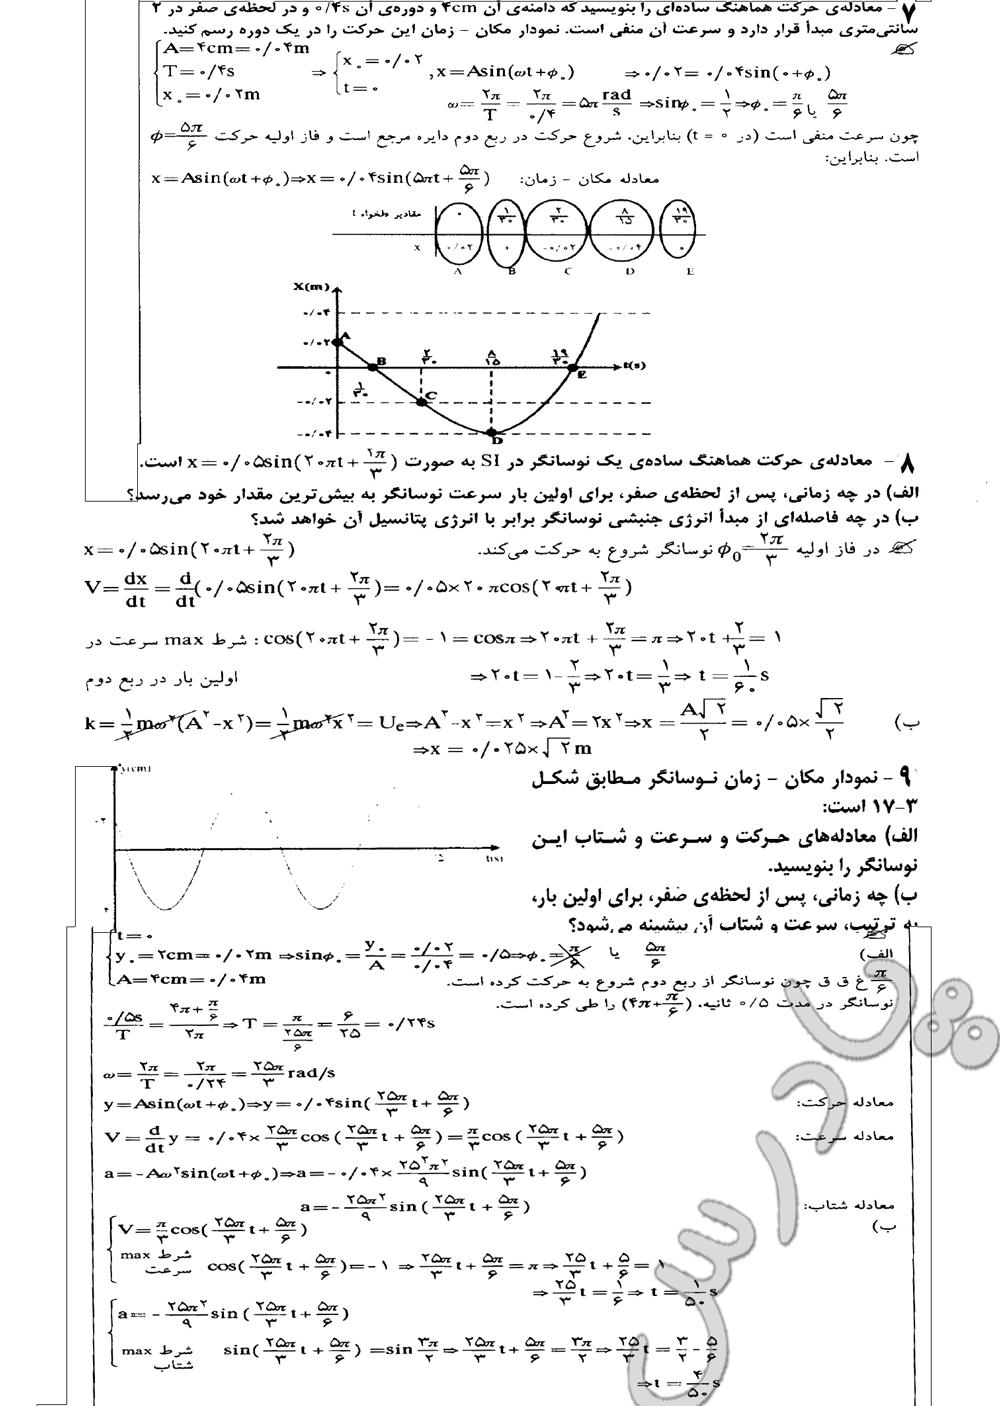 جواب تمرینات  7تا9 آخر فصل سوم فیزیک پیش دانشگاهی رشته ریاضی